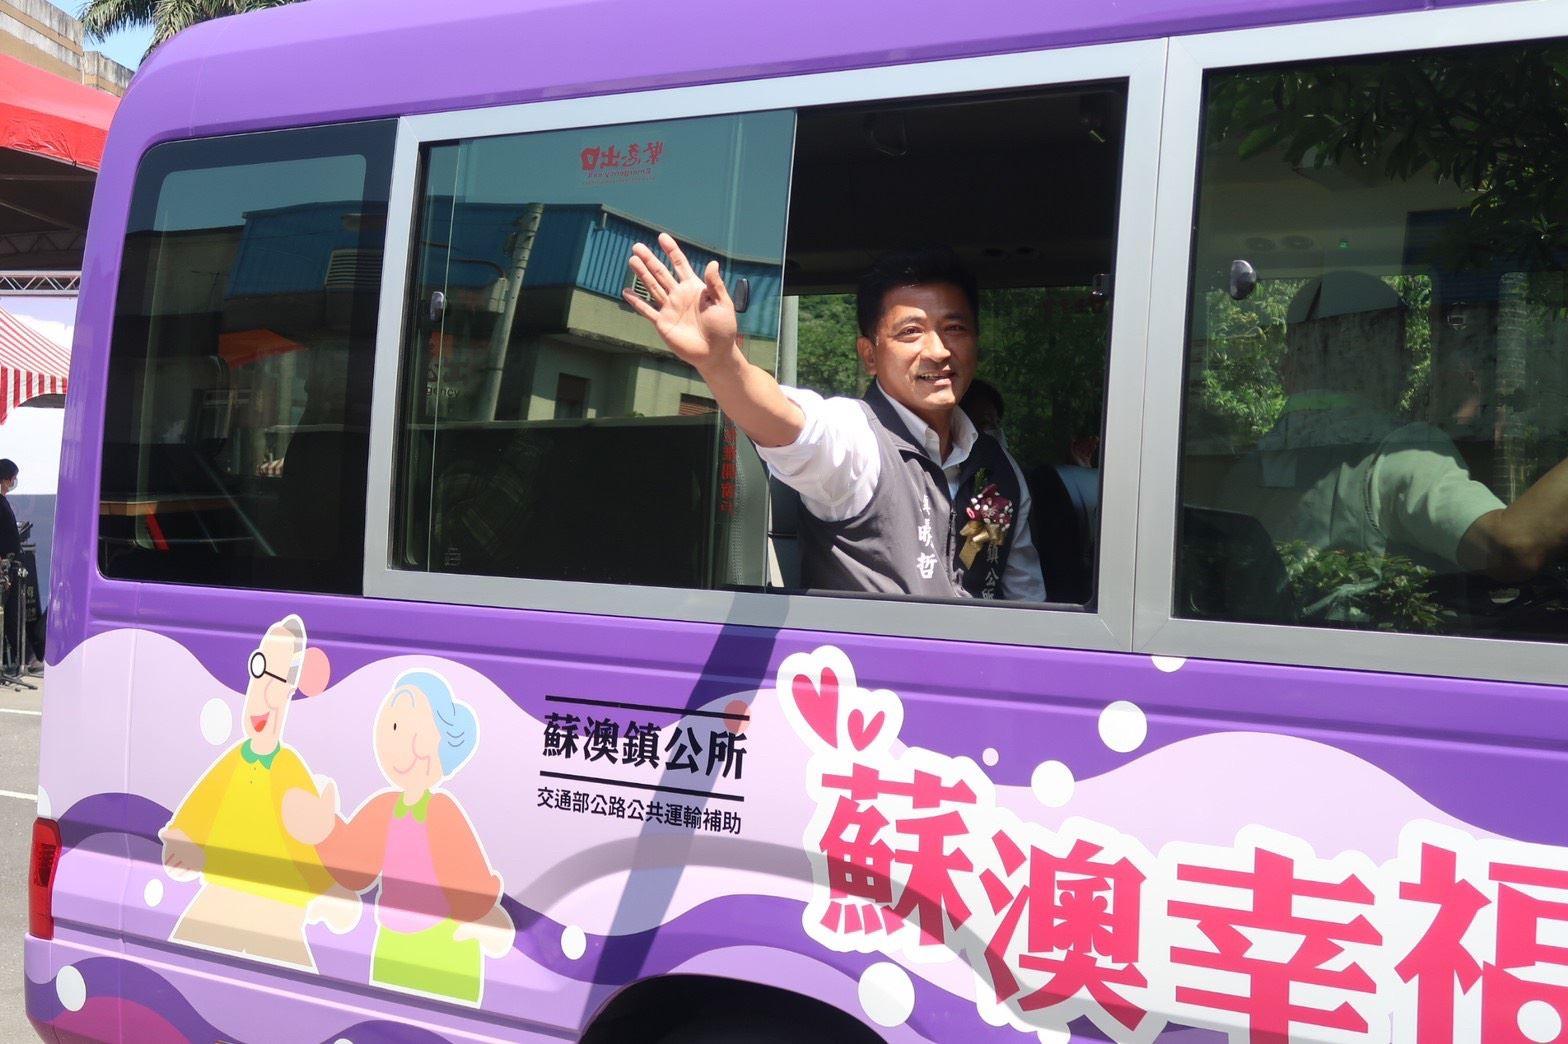 鎮長搭乘蘇澳鎮幸福巴士